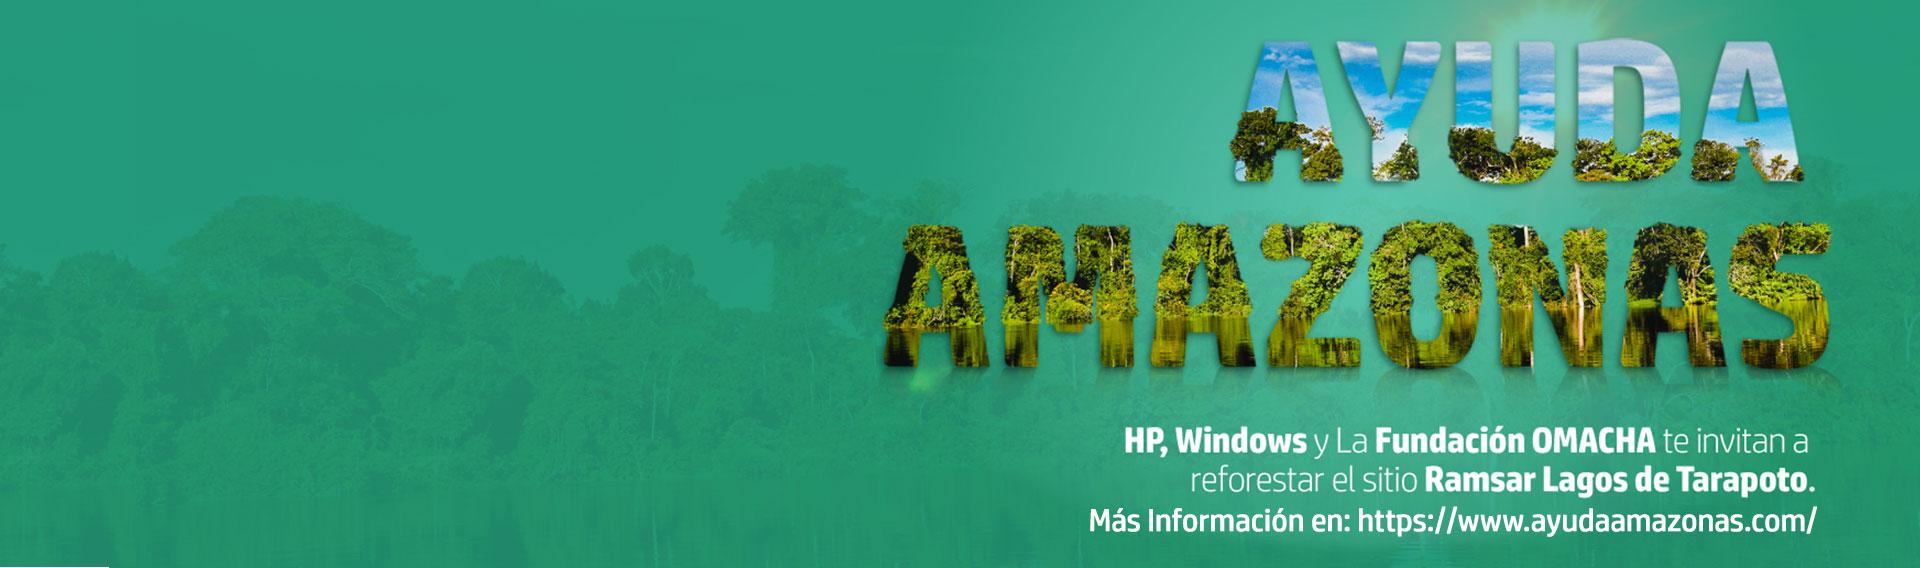 Laptops Premium HP. Compra productos HP y ayuda al Amazonas.